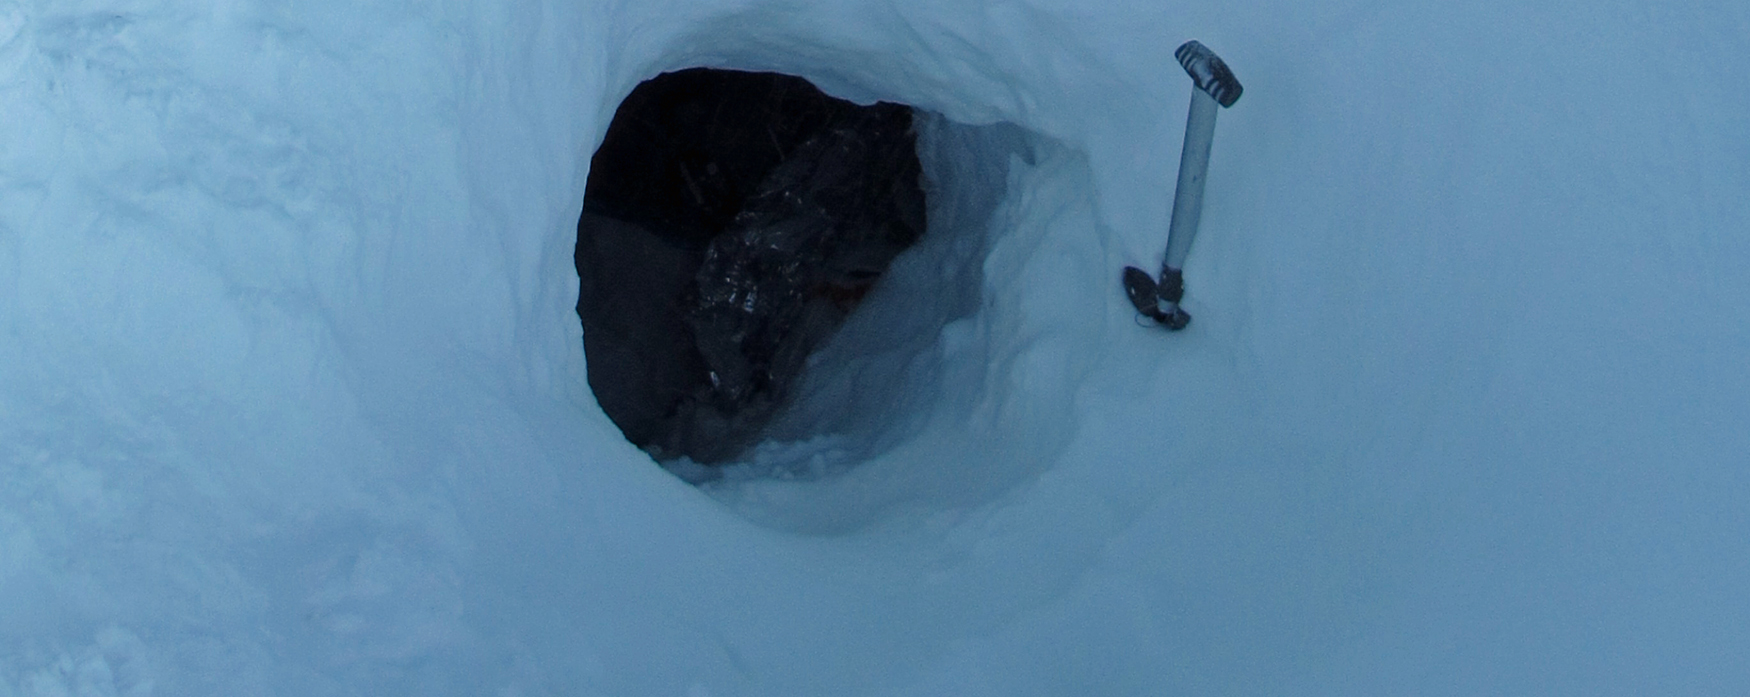 Zapraszam do jamy śnieżnej na … pożegnanie zimy!